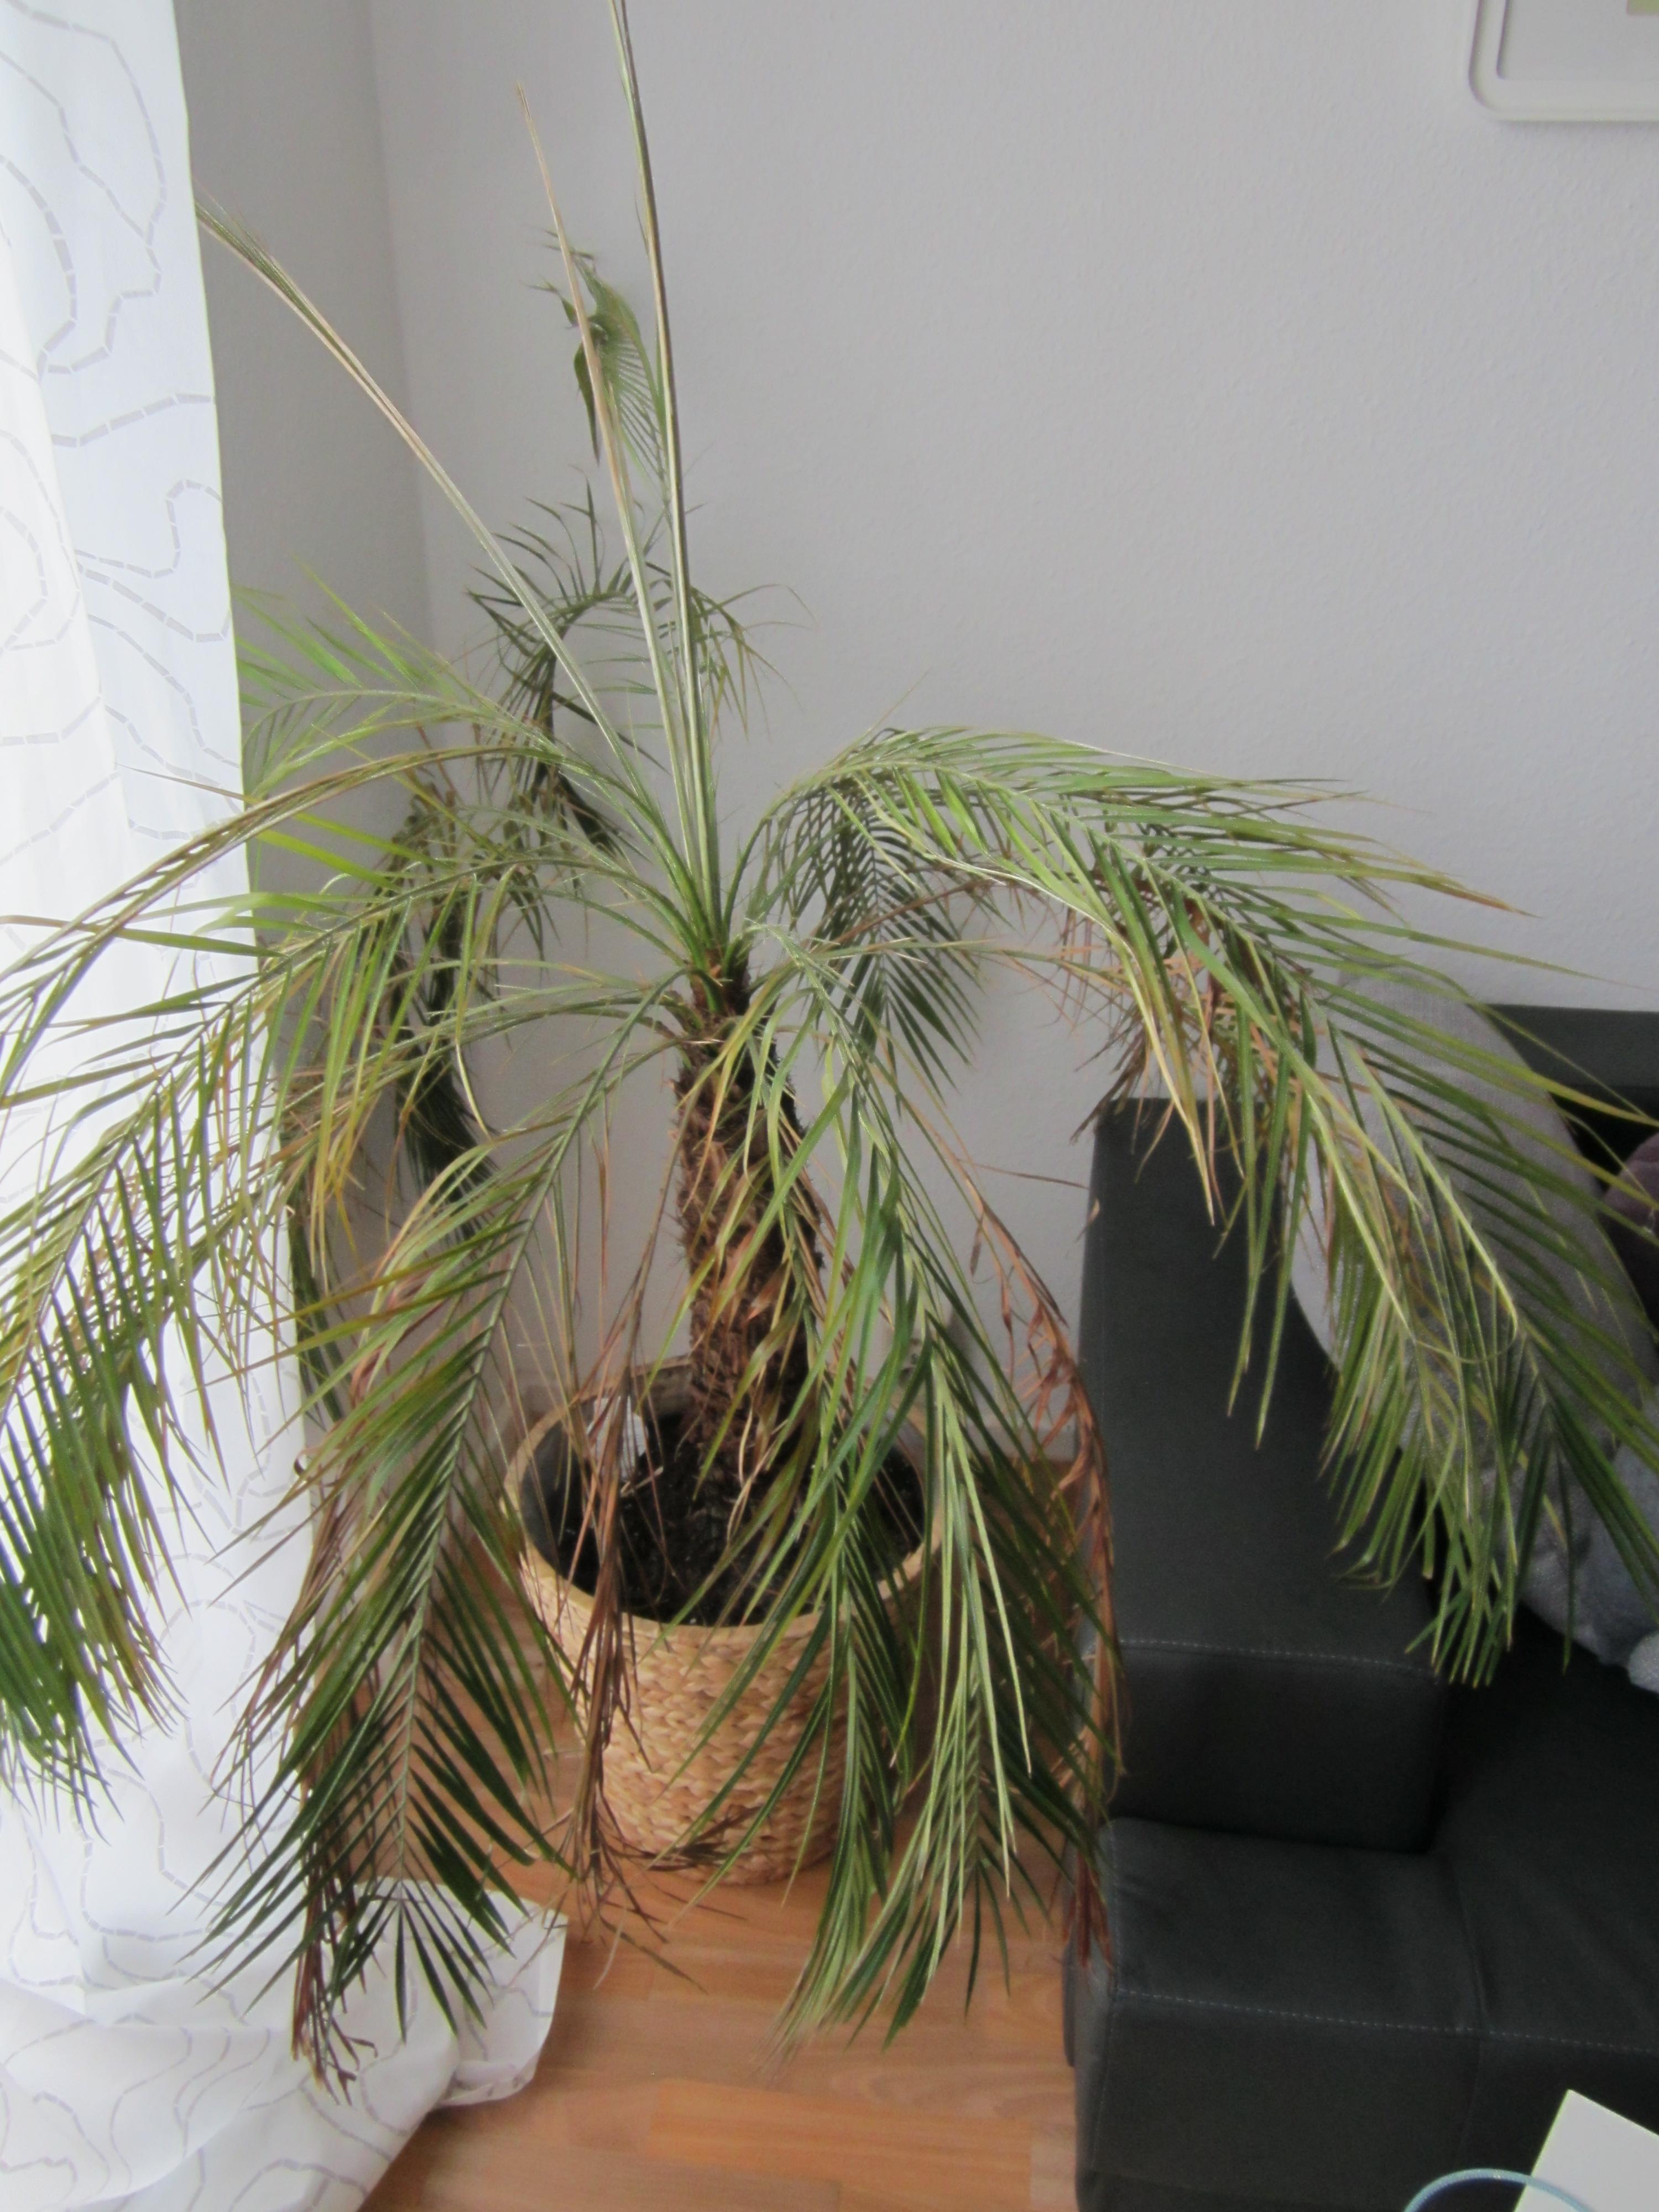 phoenix palme nach umtopfen braune bl tter hilfe pflegen schneiden veredeln green24. Black Bedroom Furniture Sets. Home Design Ideas